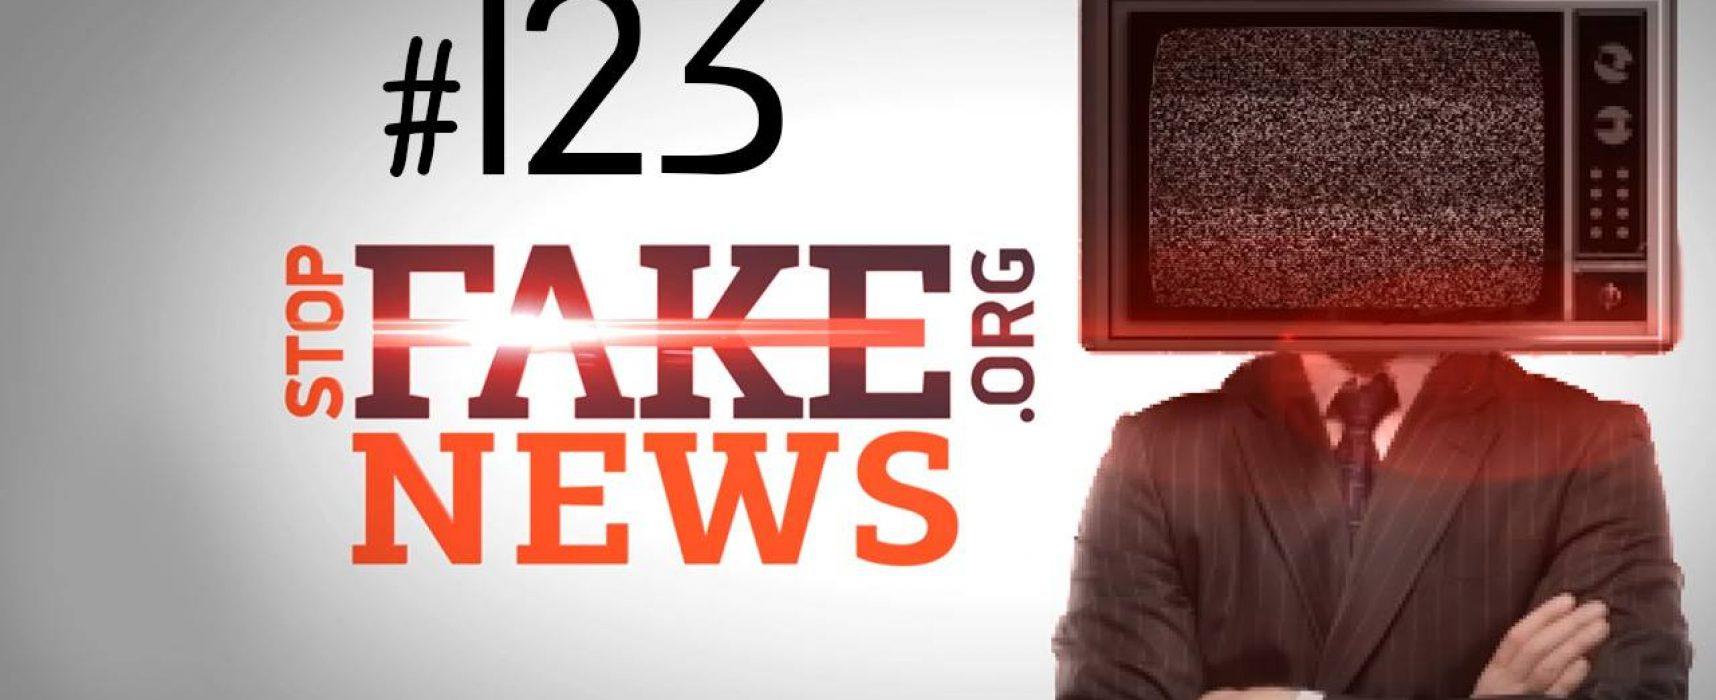 StopFakeNews #123. Доказательства причастности РФ к сепаратистским движениям в Украине